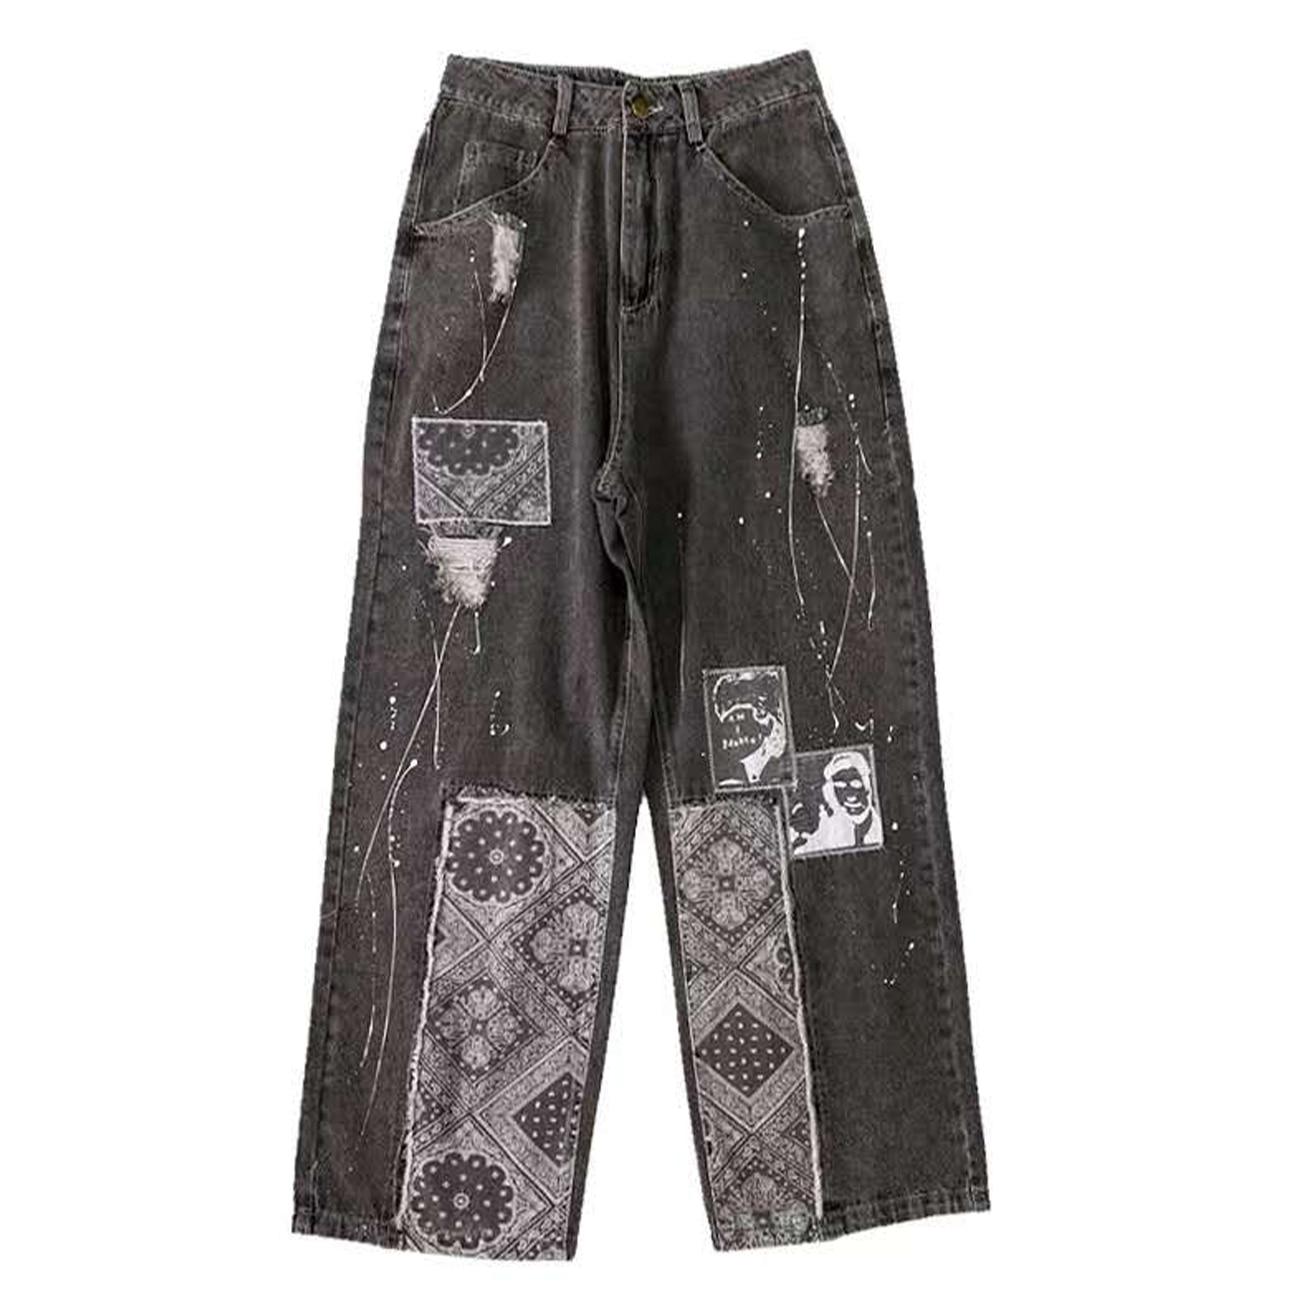 بنطلون جينز رجالي ، ملابس الشارع ، ريترو ، طباعة الكاجو ، ملابس الشارع ، Harajuku ، هيب هوب ، ركض